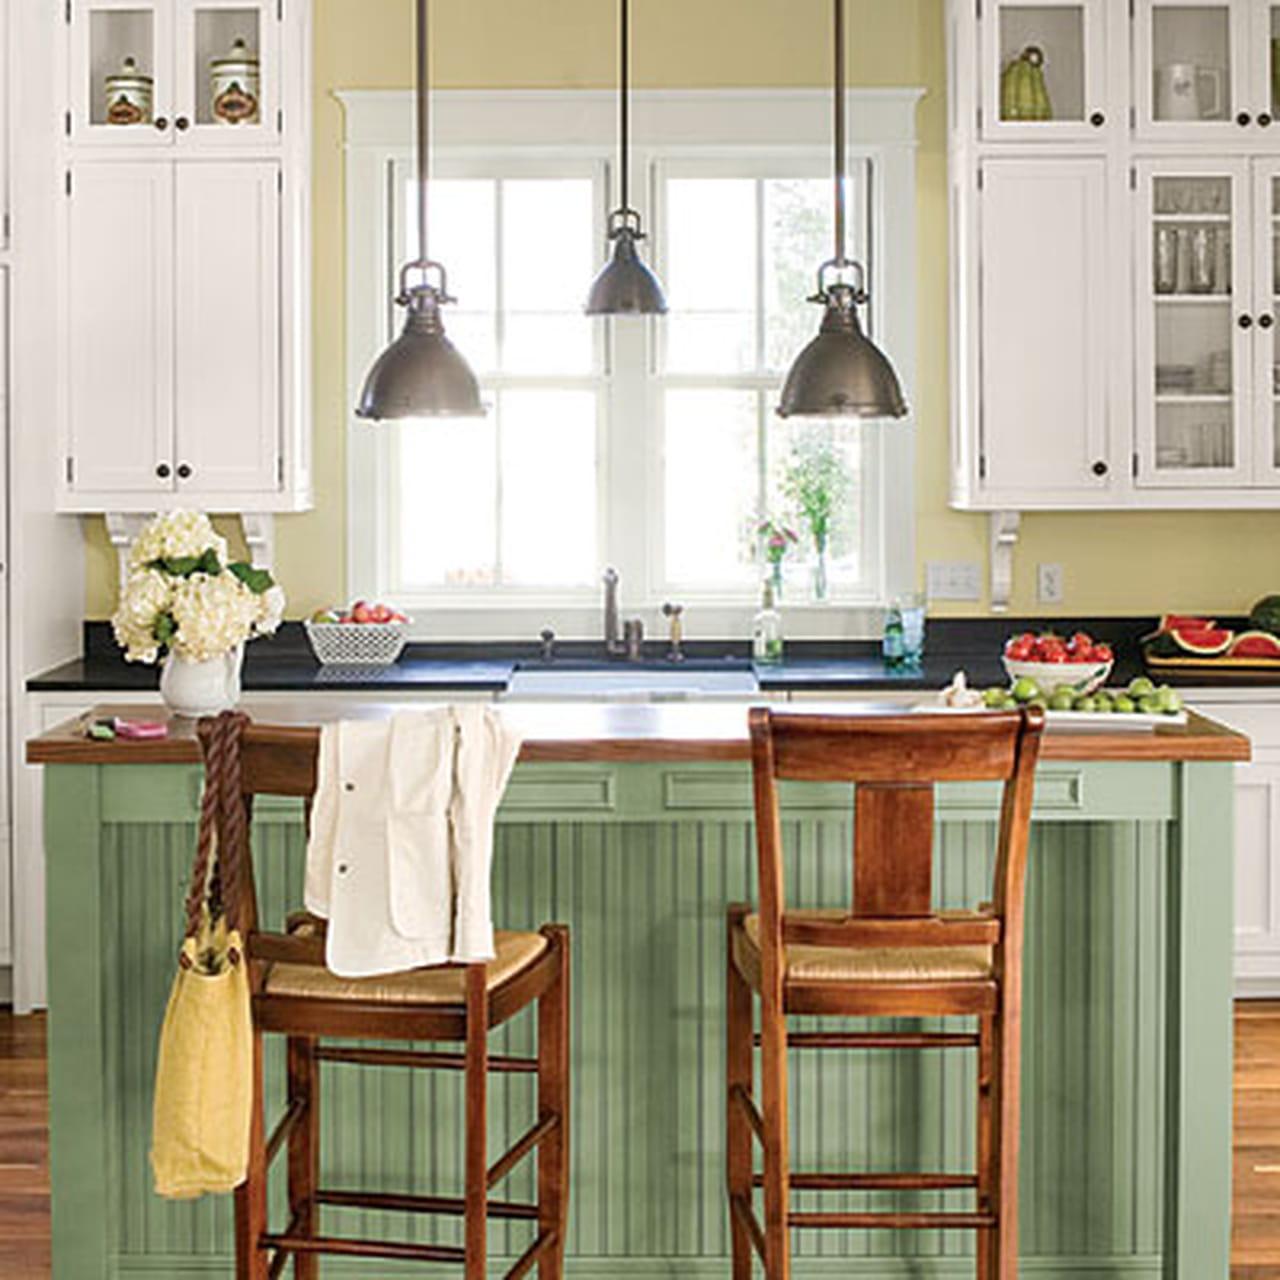 Kitchen Cabinets Vintage Style: ديكورات مطابخ شتوية 2014 .. لتتمتعي بسحر الشتاء في مطبخك